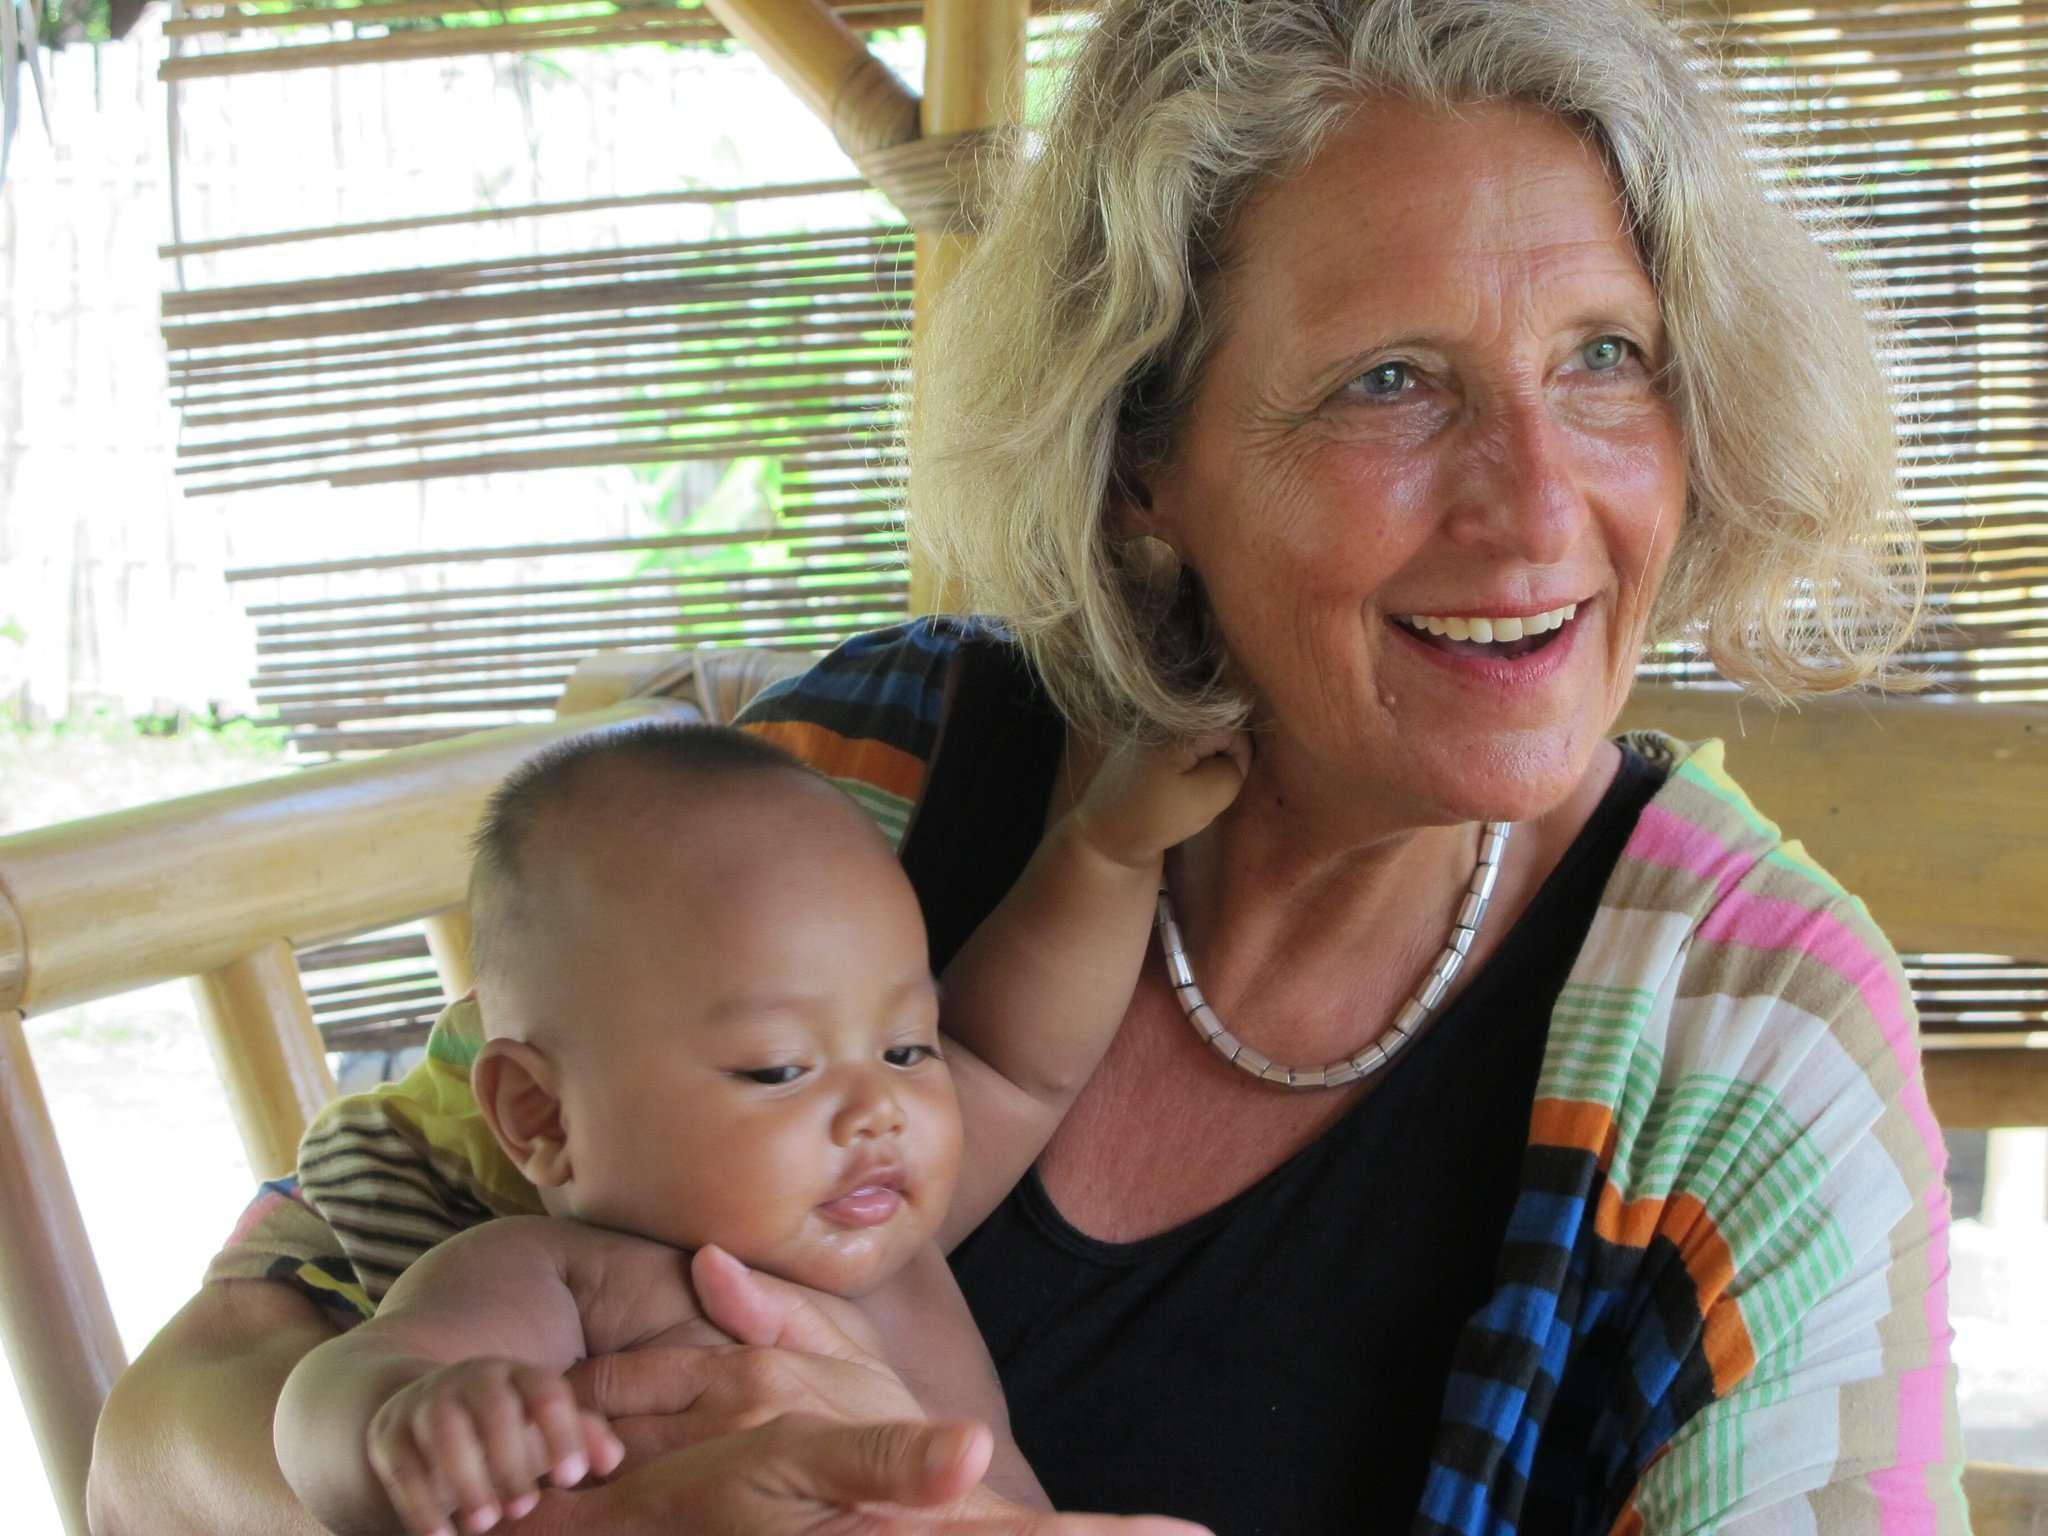 Die Fischerhuder Künstlerin Friederike Sensfuss sammelt für Menschen auf der indonesischen Insel Gili Meno Spenden ein. Dort sorgten erst ein Erdbeben und aktuell die Corona-Krise für dramatische Zustände.